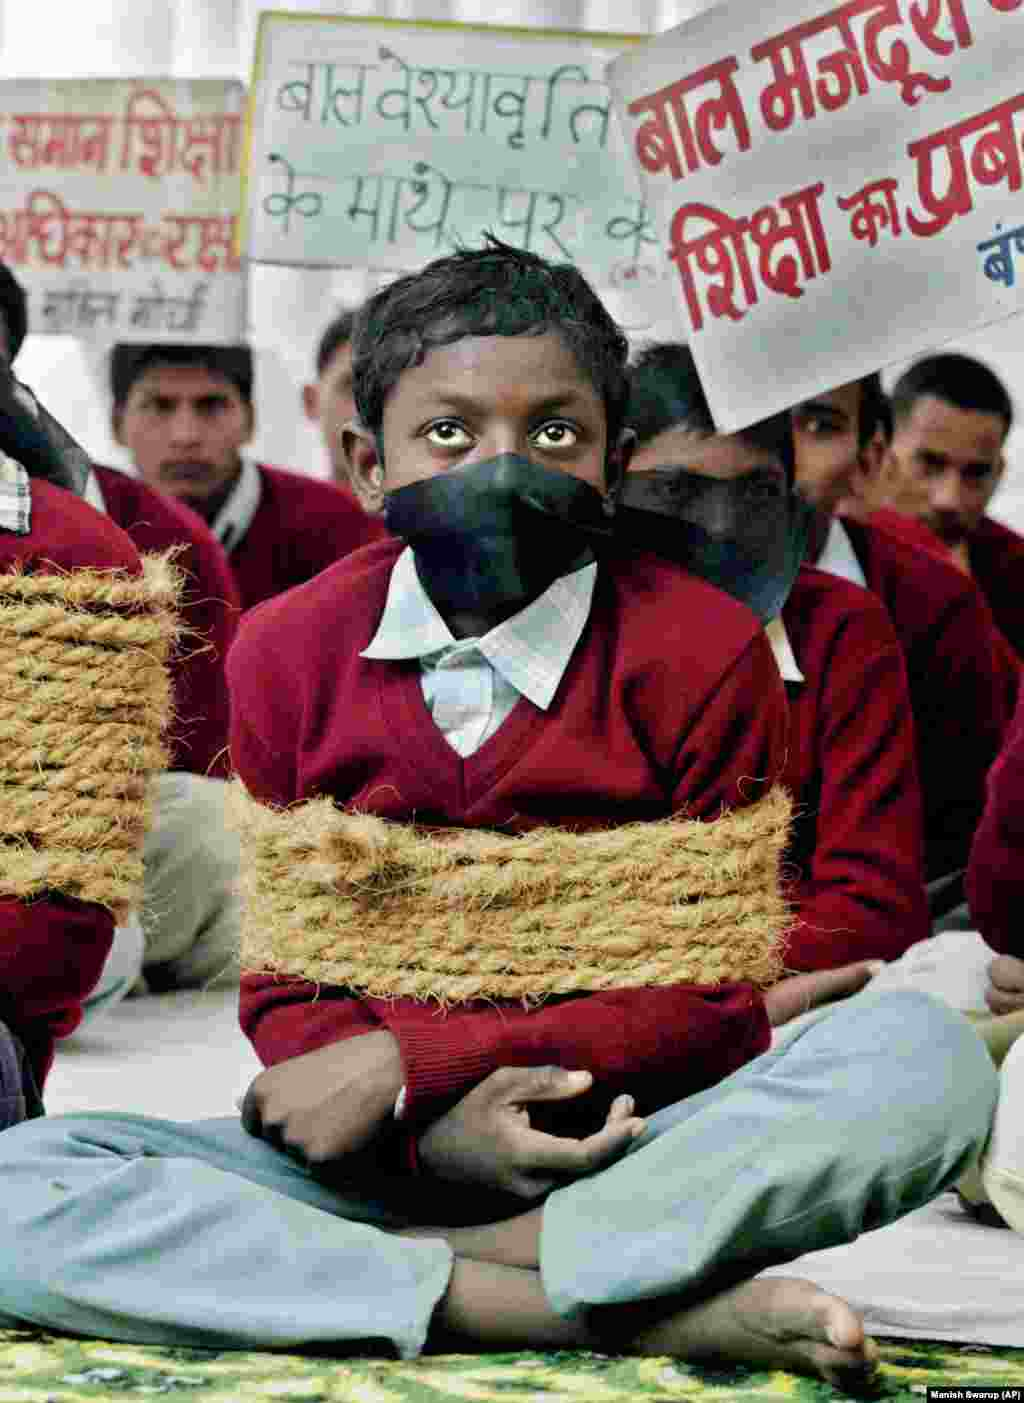 Índia: Crianças simulam estarem presas, em protesto contra o trabalho infantil e forçado no país.